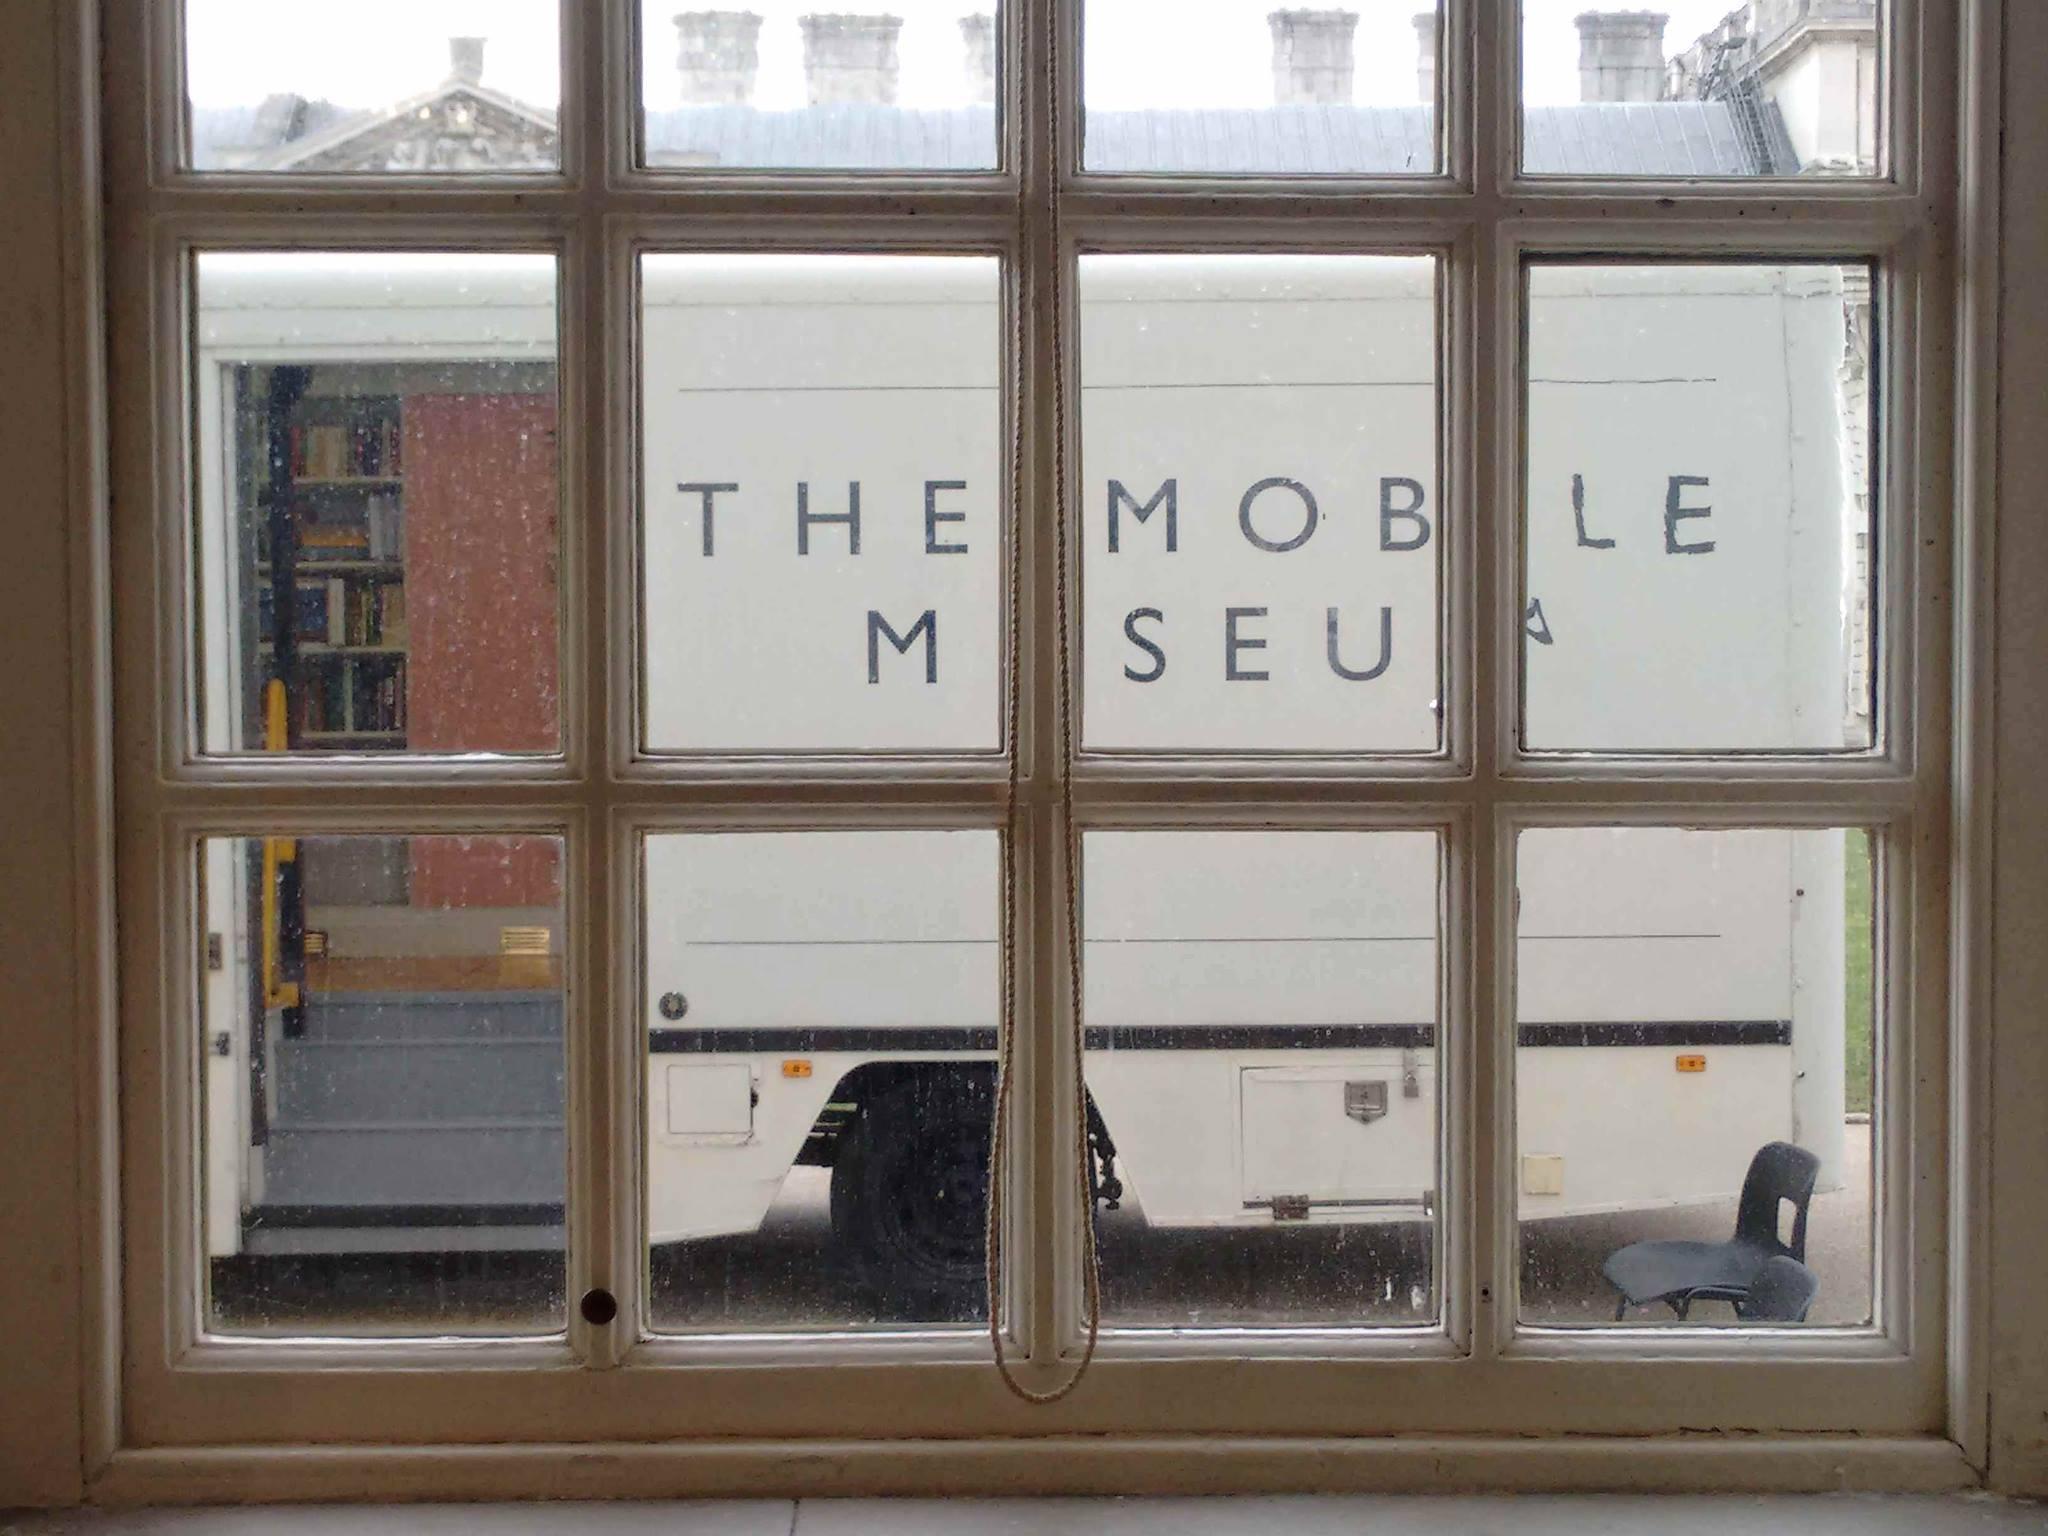 Mobile Museum Donut Noel